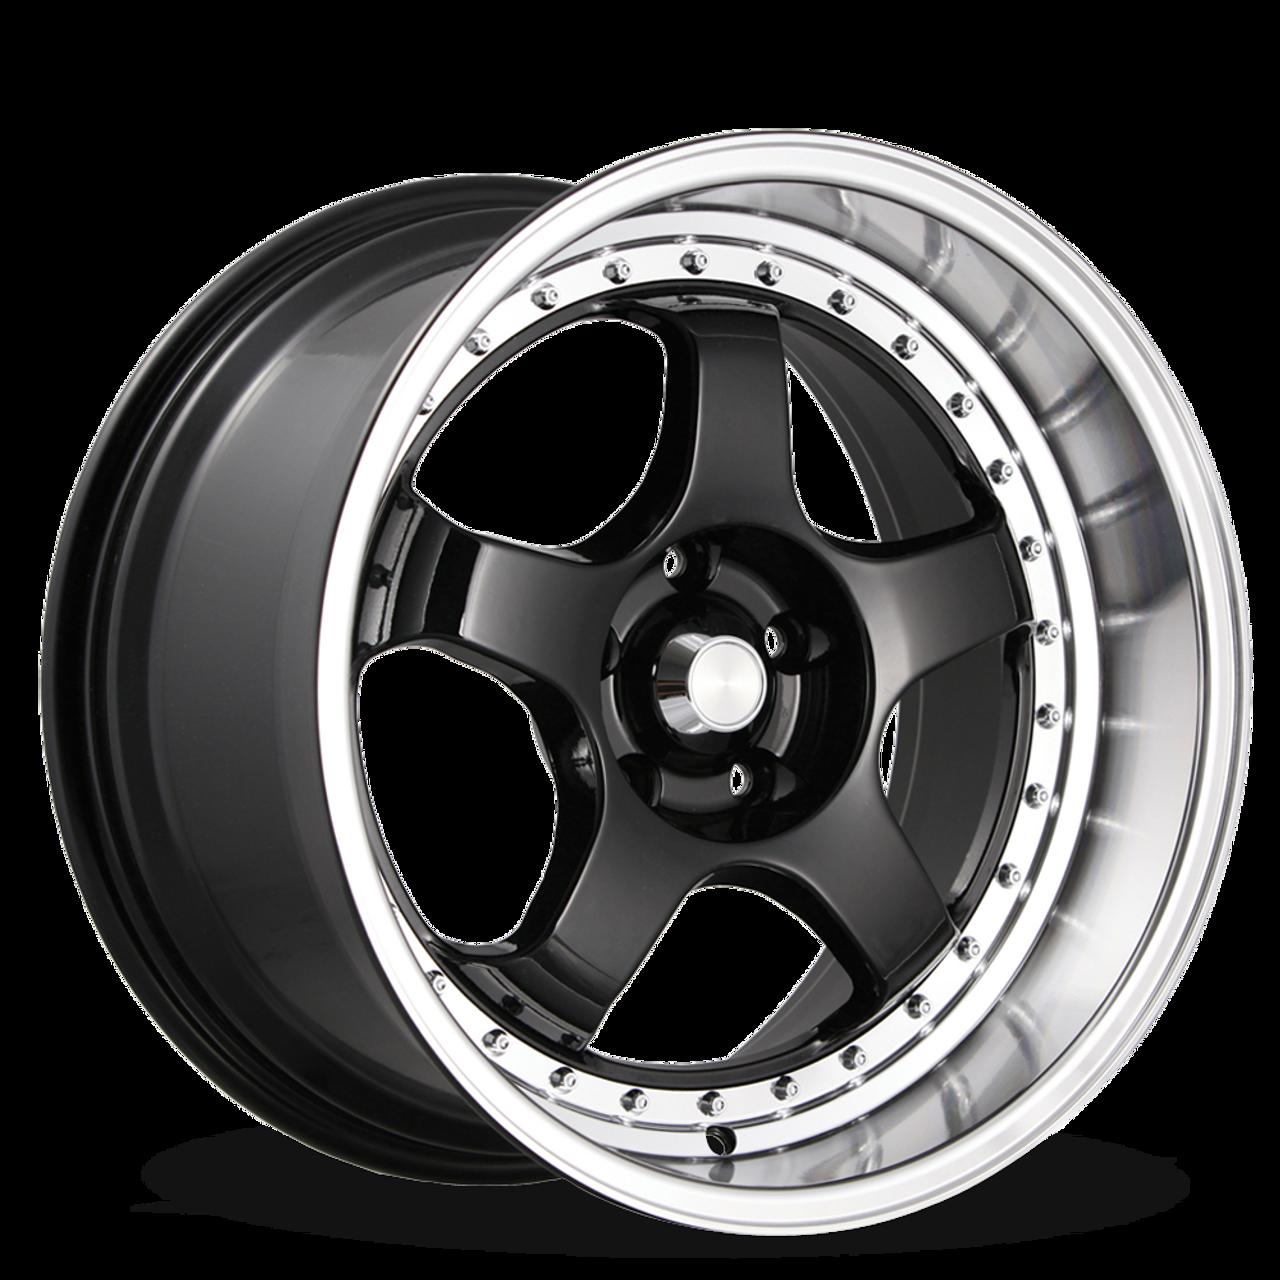 konig ssm 18x9 5x114 3 et22 gloss black w machined lip enjuku Corvette Side Pipes konig ssm 18x9 5x114 3 et22 gloss black w machined lip